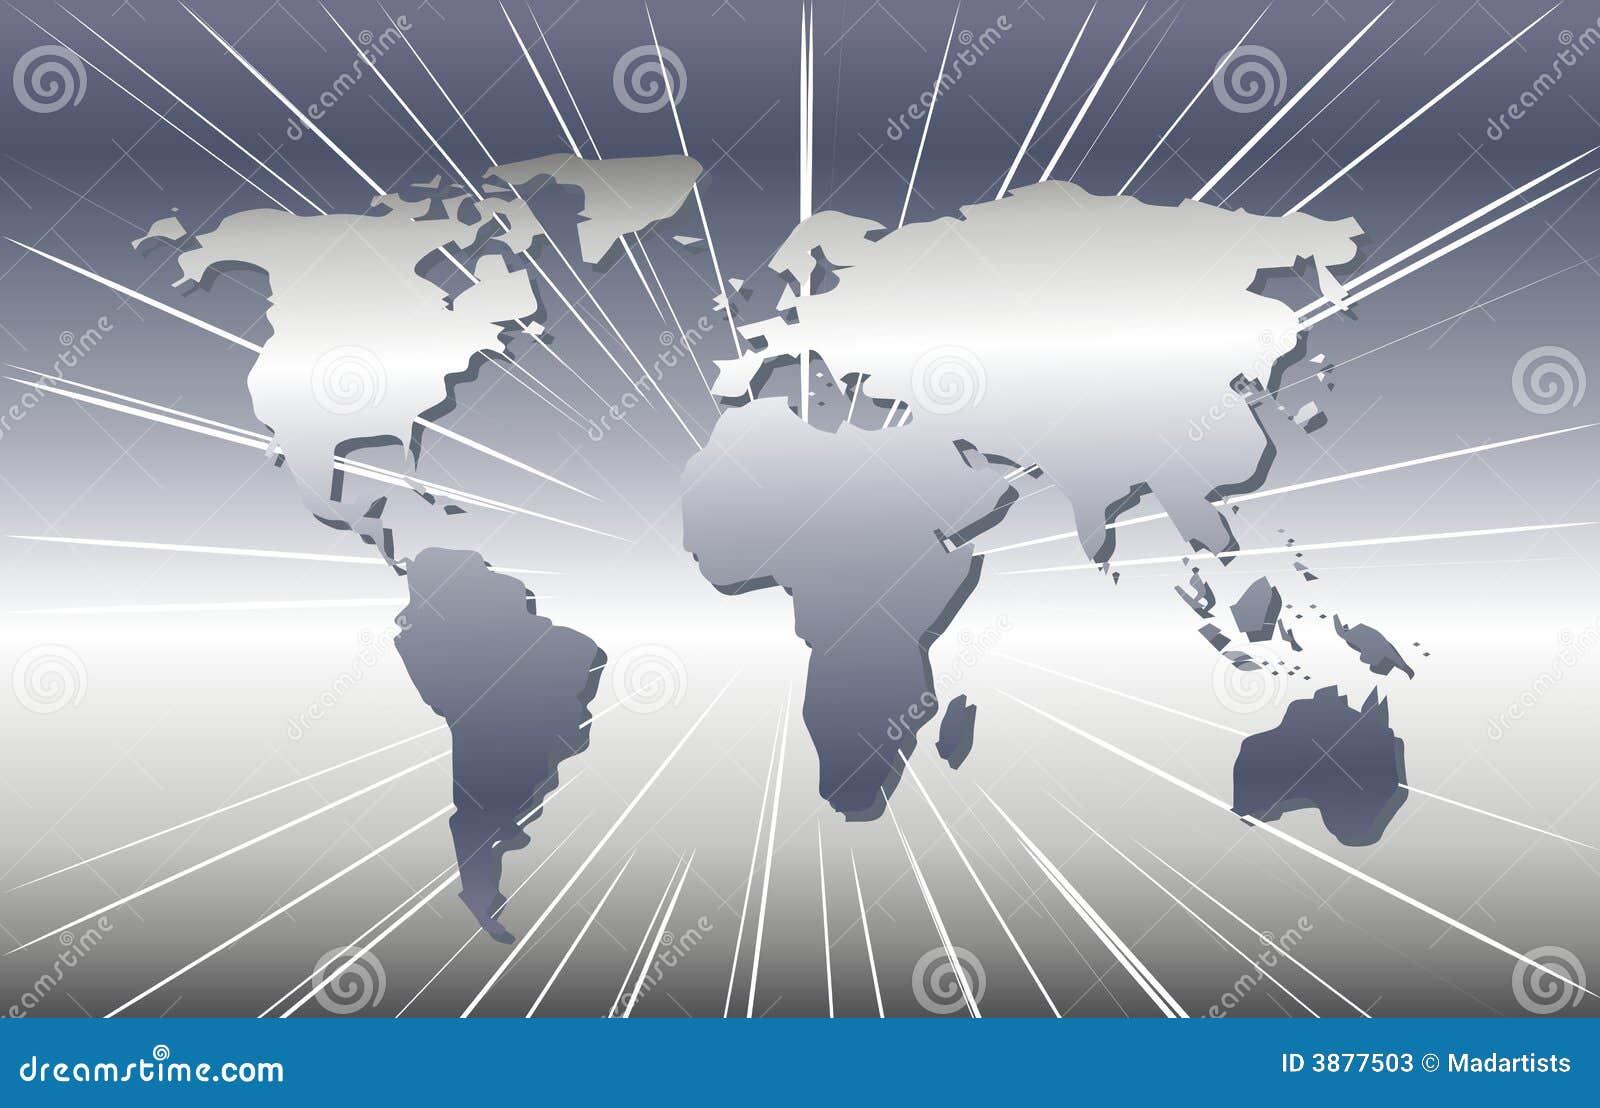 Kaart van de Wereld in Zilver